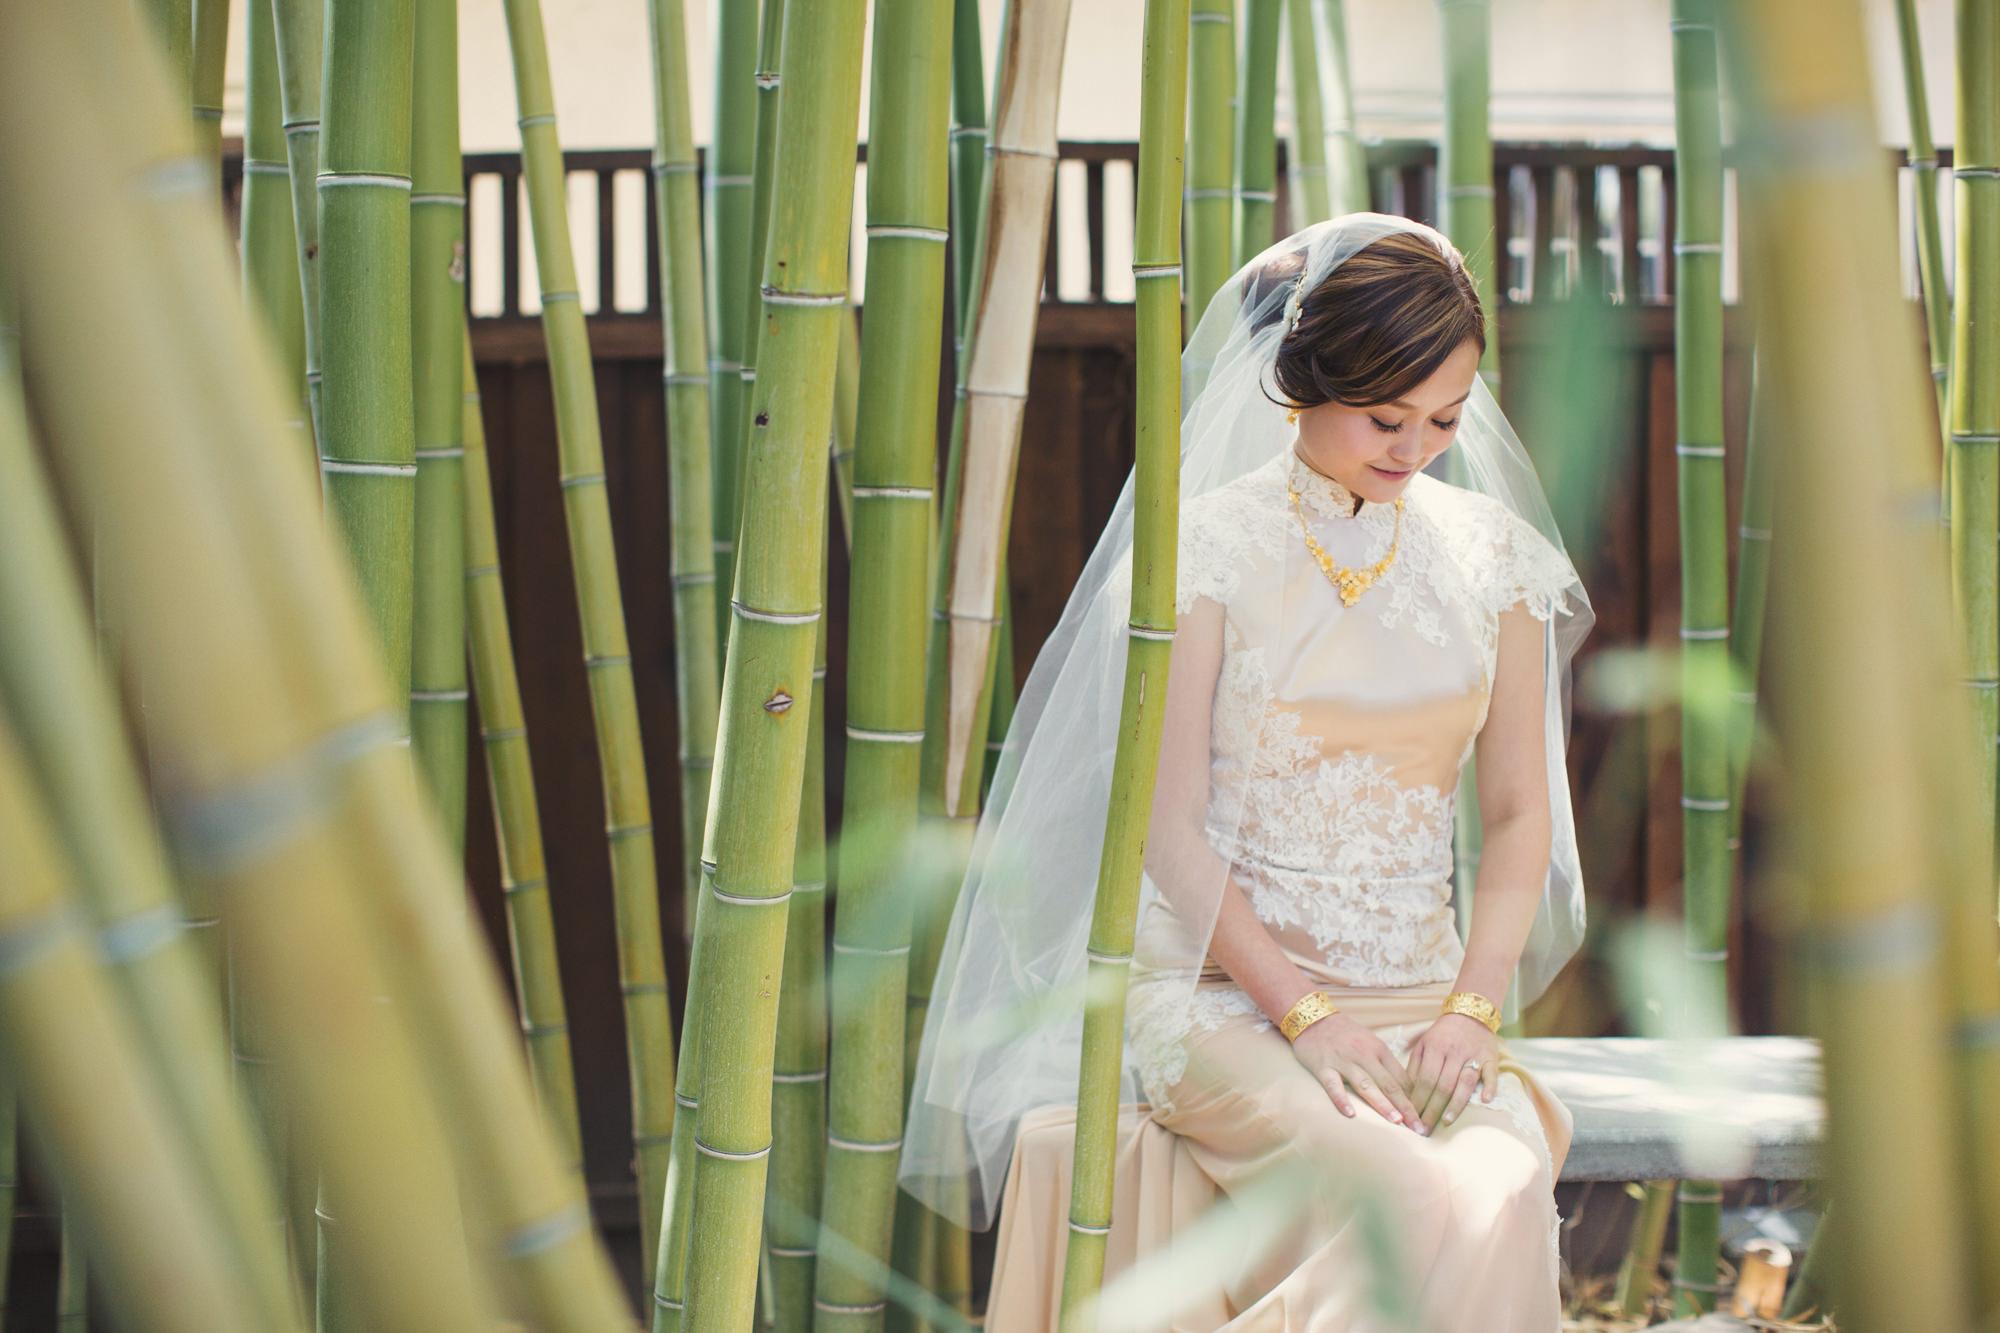 Fairytale Wedding in Nestldown ©Anne-Claire Brun 0010